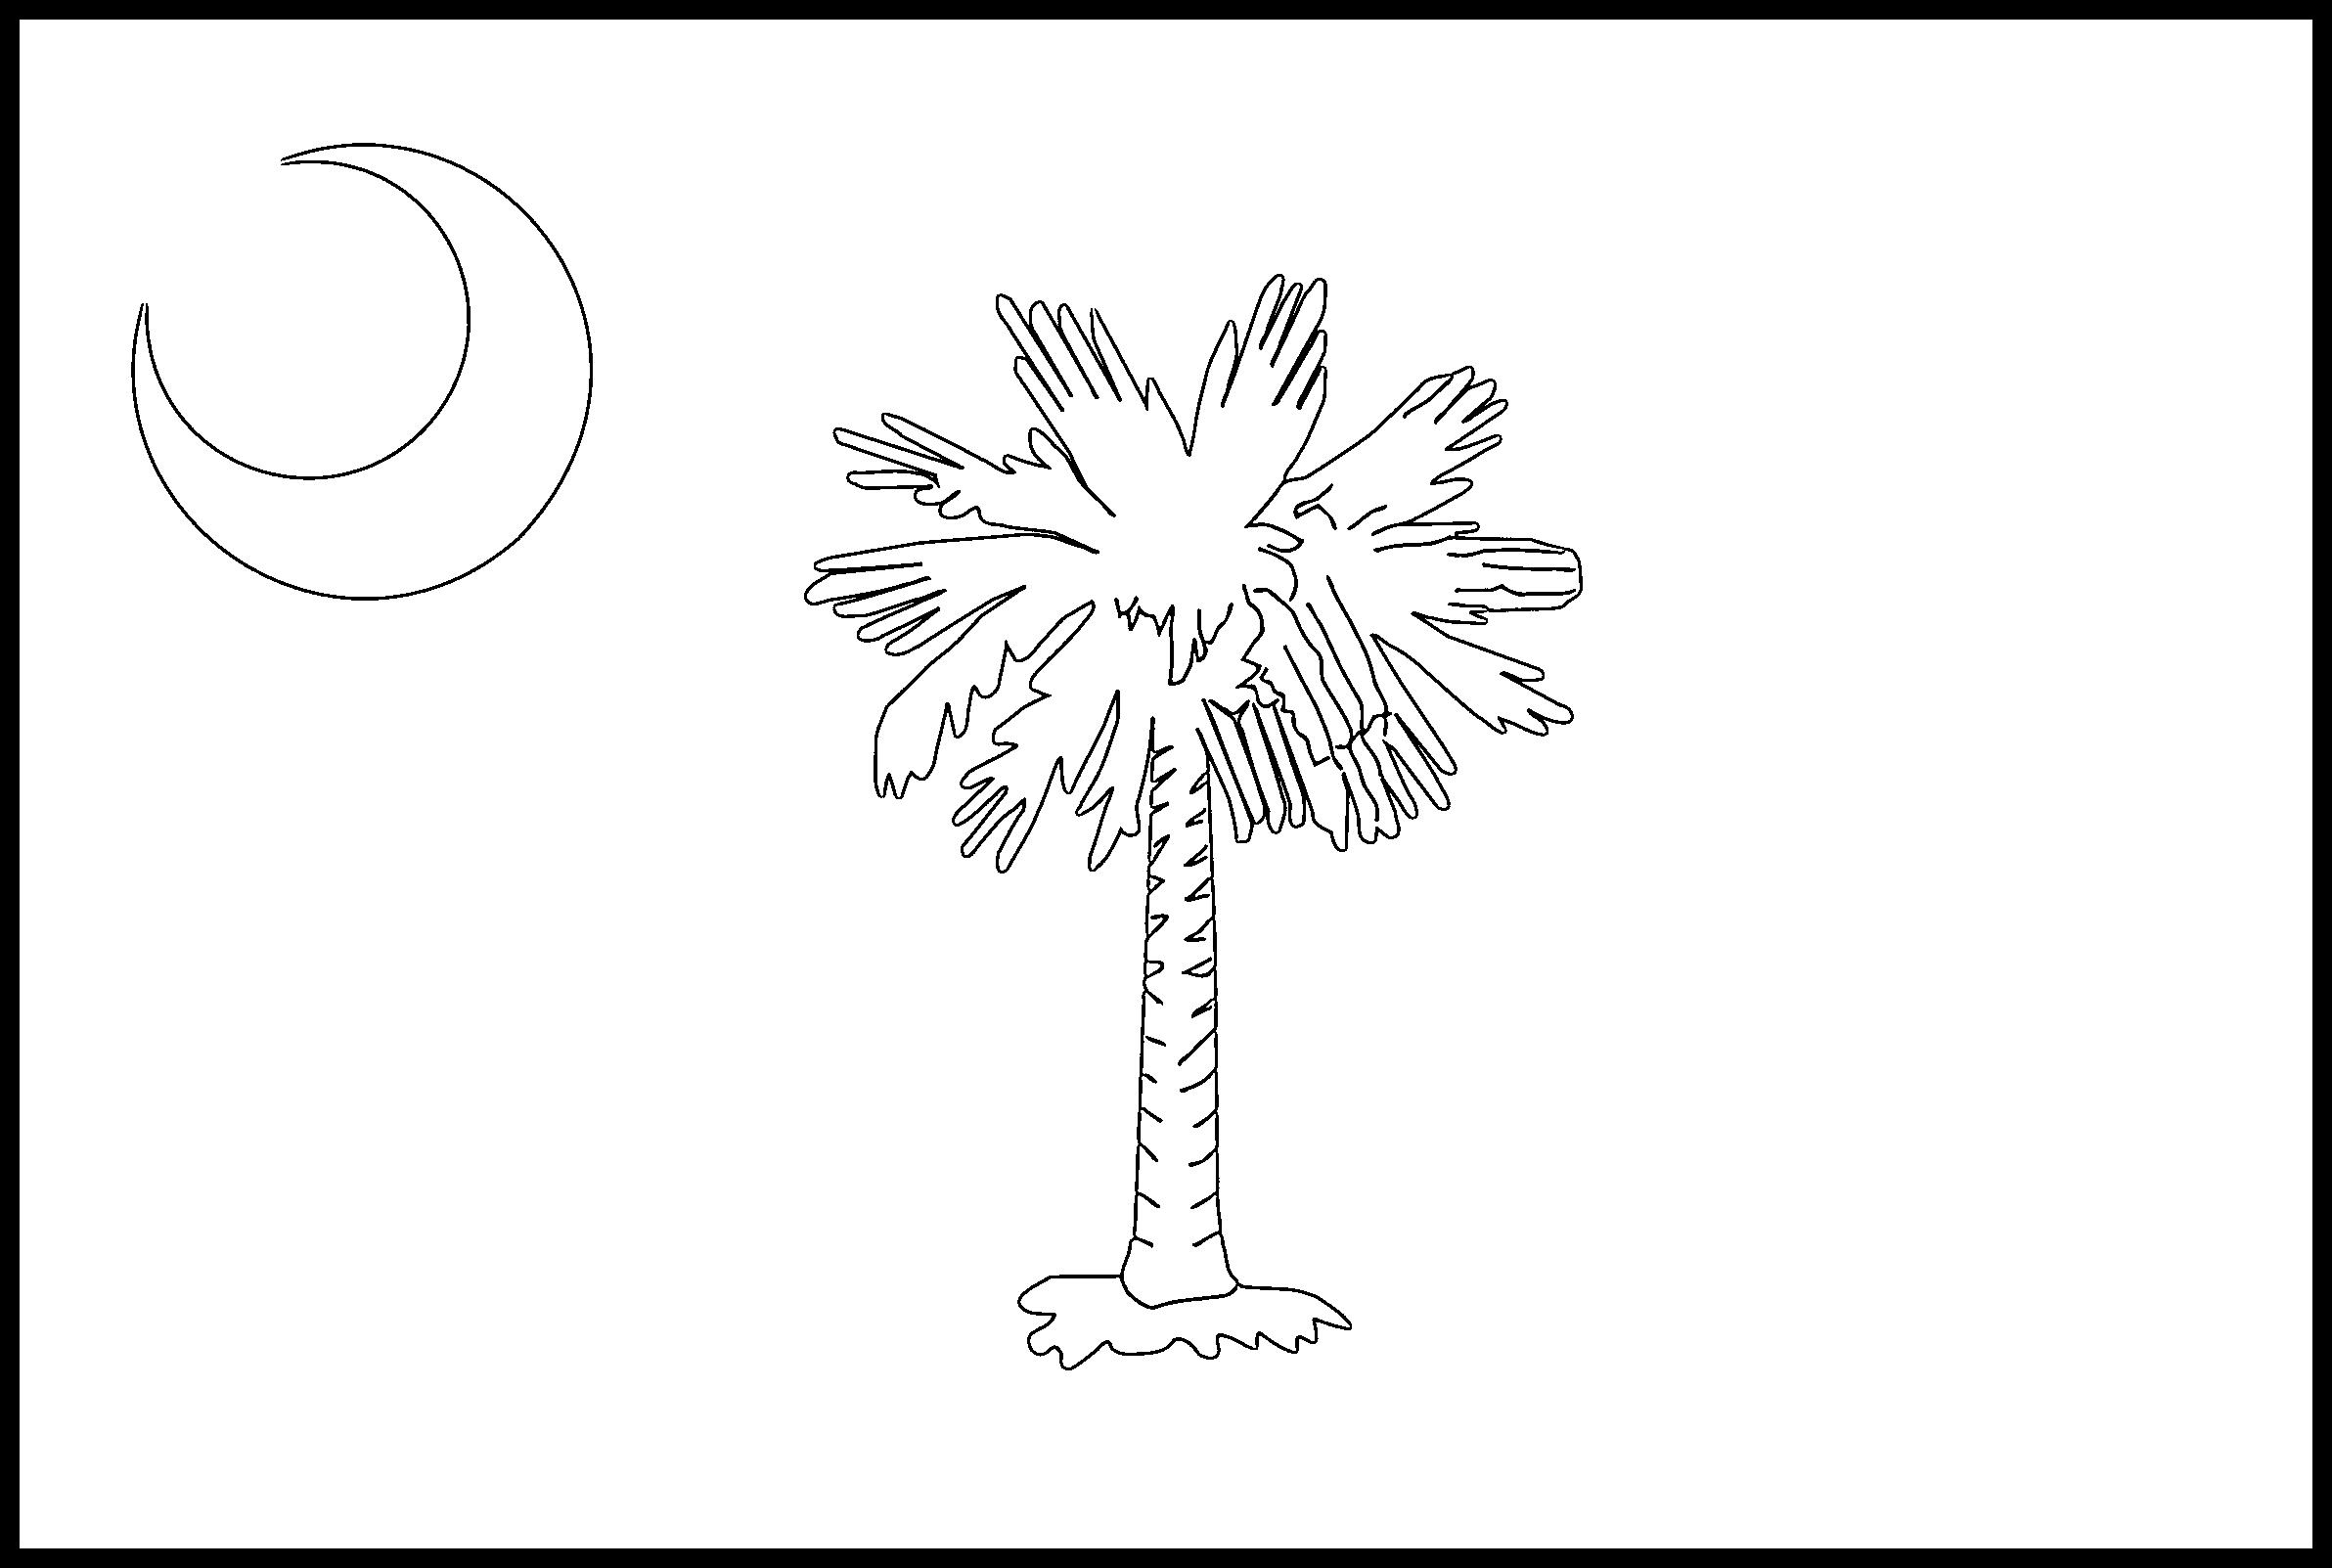 South_Carolina Flag Coloring Page